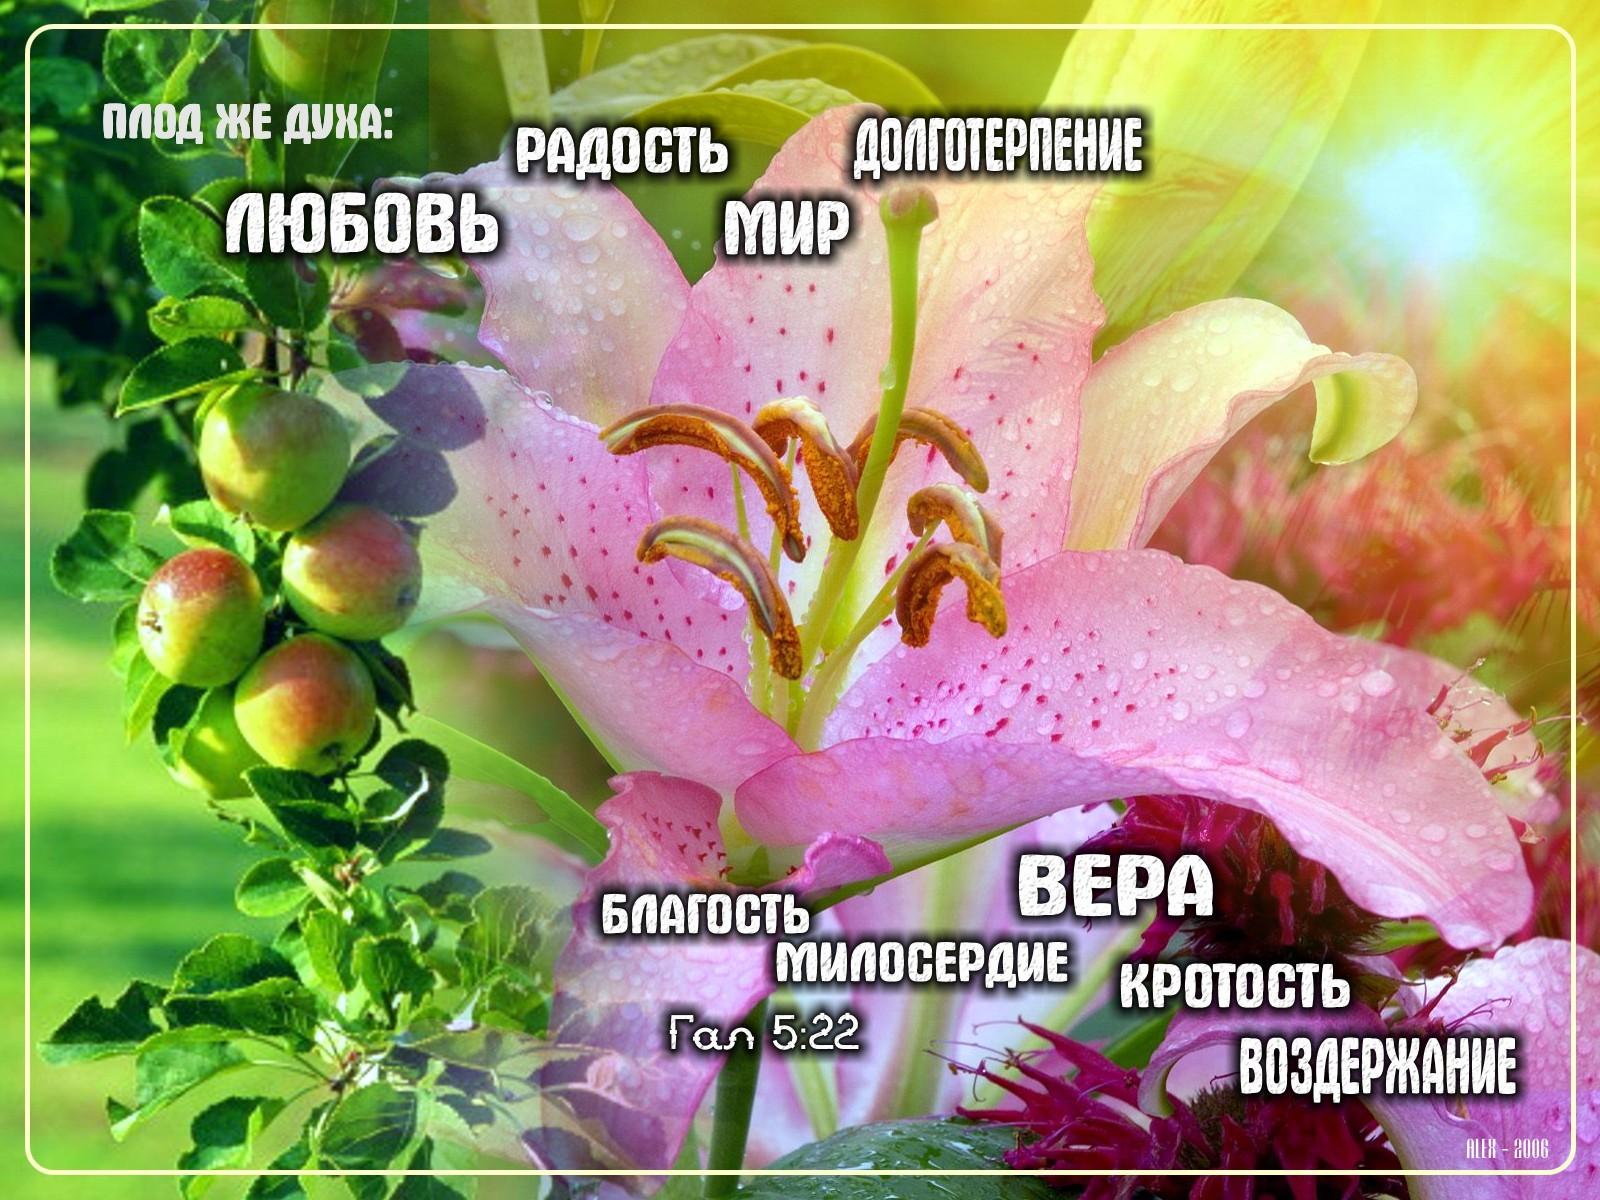 Открытки о любви православные, открытки тюльпаны